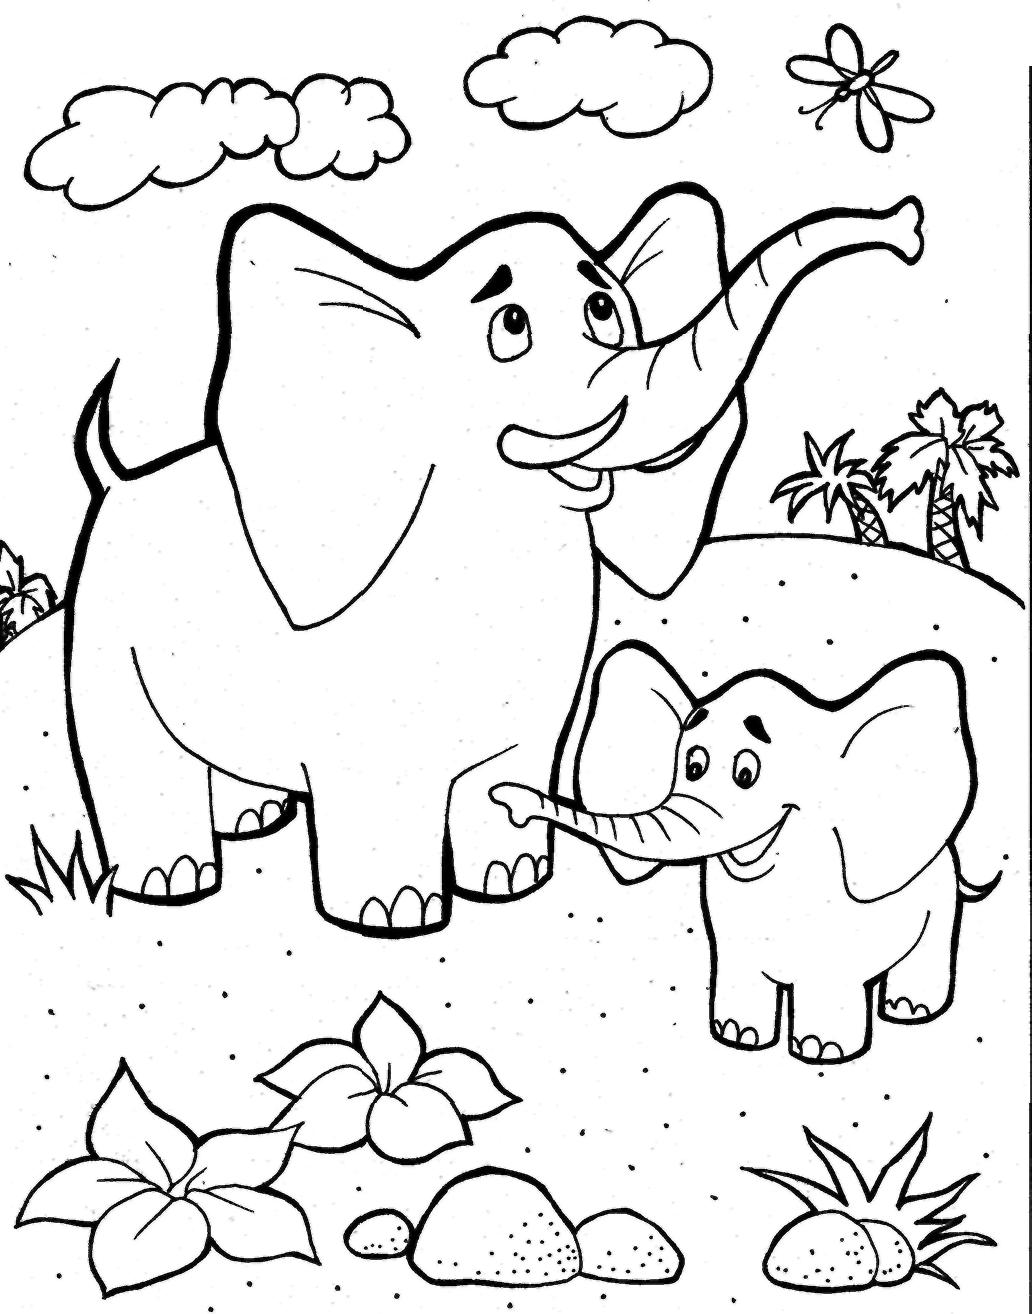 Раскраска онлайн бесплатно для детей 5 лет для девочек